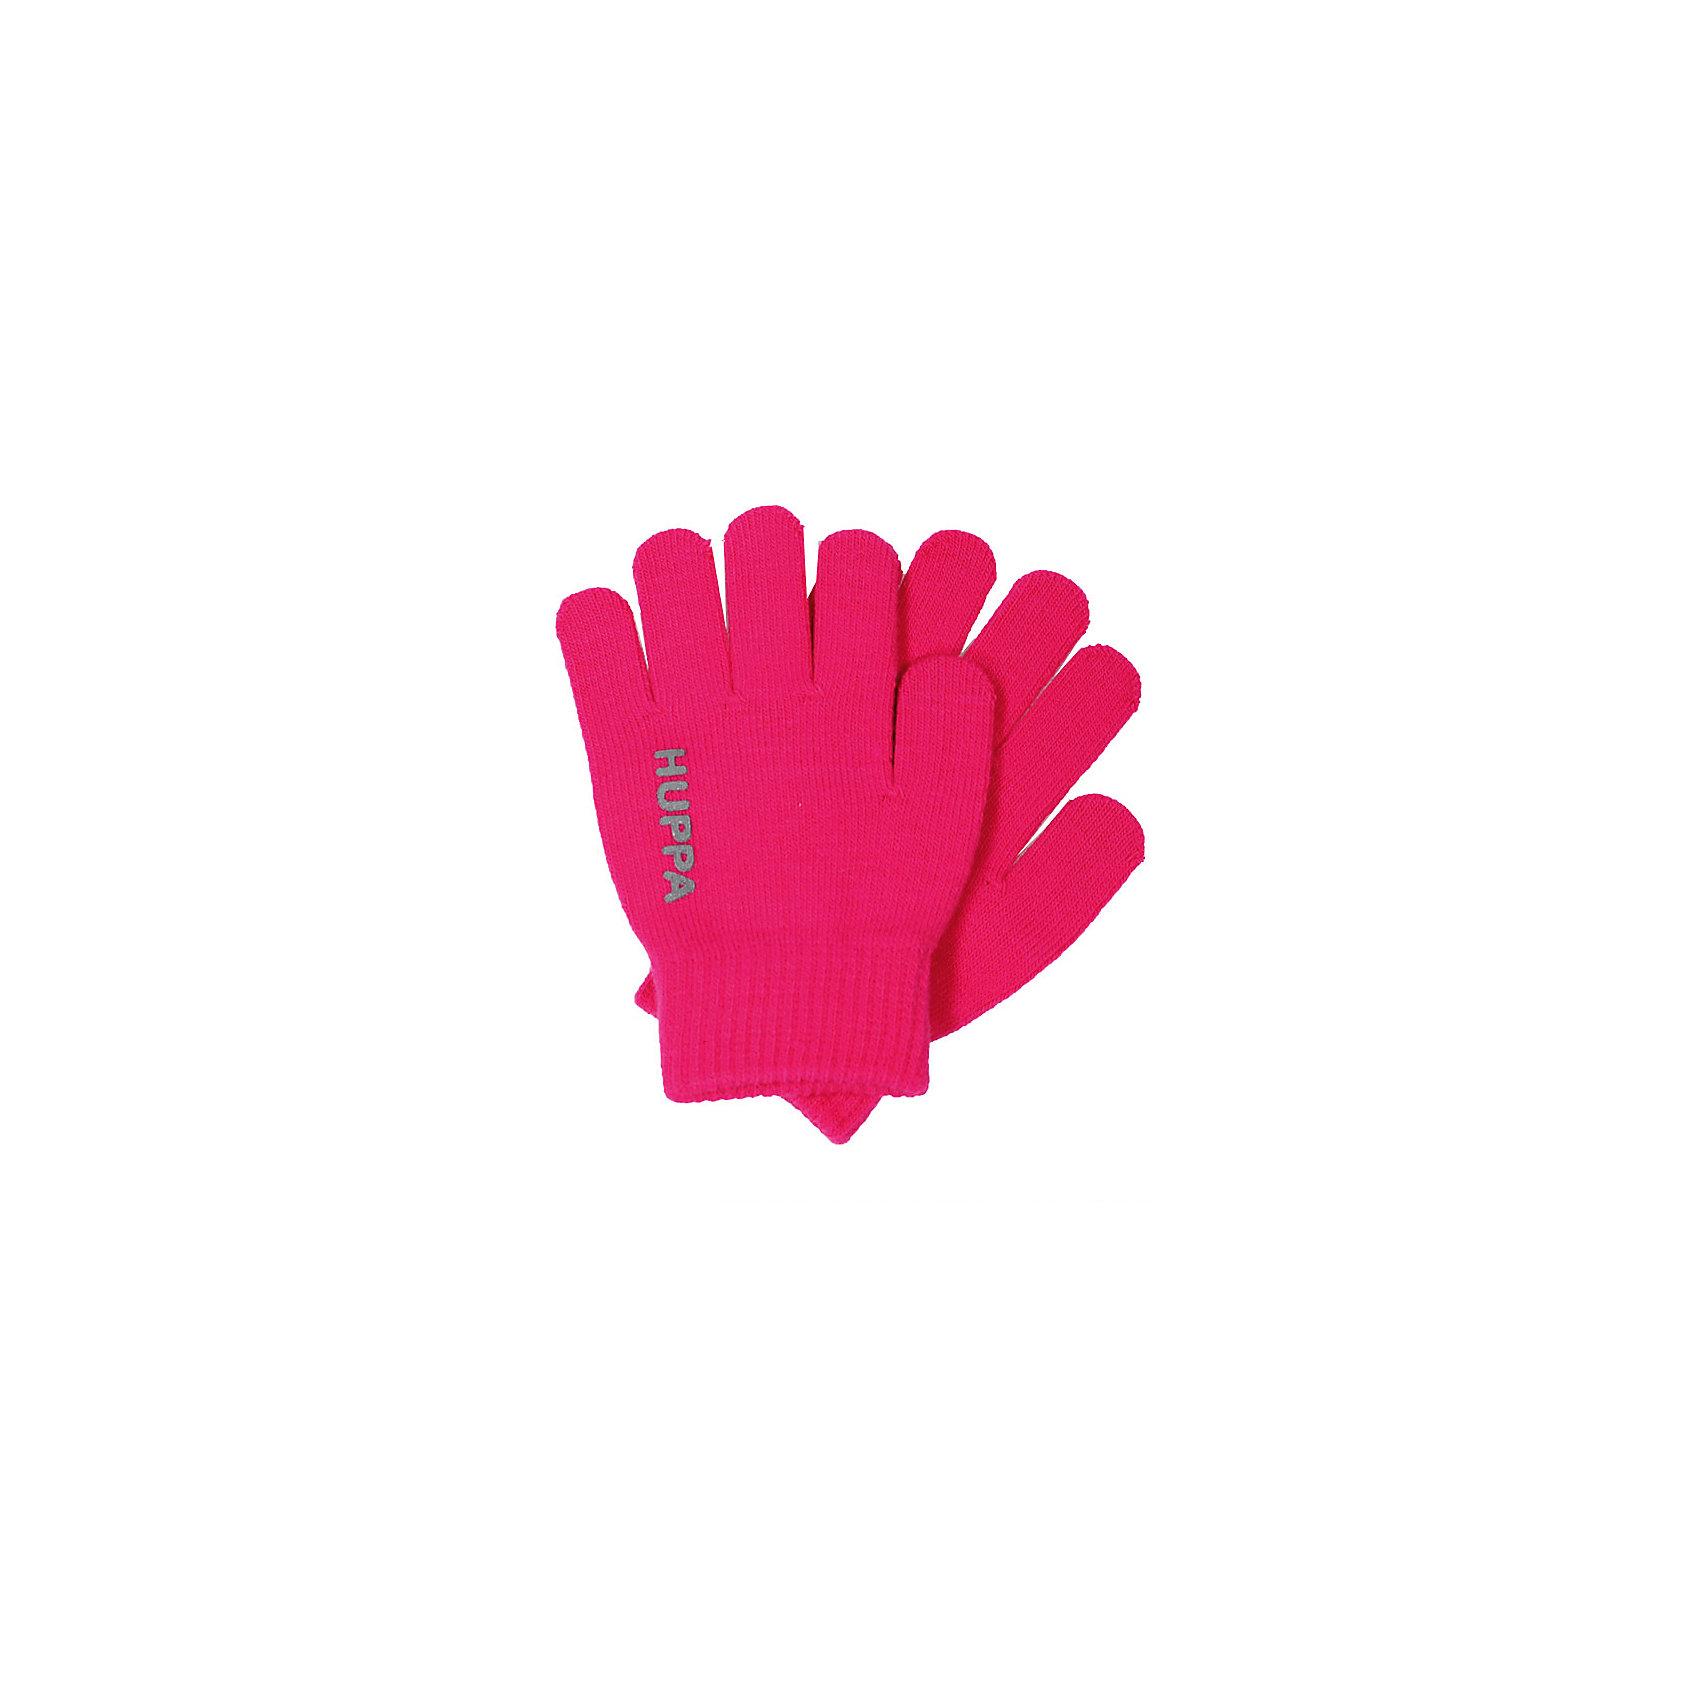 Перчатки LEVI для девочки HuppaПерчатки, варежки<br>Характеристики товара:<br><br>• цвет: фуксия<br>• состав: 100% акрил<br>• температурный режим: от 0°С до +10°С<br>• мягкая пряжа<br>• логотип<br>• широкая мягкая резинка<br>• комфортная посадка<br>• страна бренда: Эстония<br><br>Эти перчатки обеспечат детям тепло и комфорт в межсезонье. Они сделаны из мягкого дышащего материала, поэтому изделие идеально подходит для межсезонья. Перчатки очень симпатично смотрятся. Модель была разработана специально для детей.<br><br>Одежда и обувь от популярного эстонского бренда Huppa - отличный вариант одеть ребенка можно и комфортно. Вещи, выпускаемые компанией, качественные, продуманные и очень удобные. Для производства изделий используются только безопасные для детей материалы. Продукция от Huppa порадует и детей, и их родителей!<br><br>Перчатки LEVI от бренда Huppa (Хуппа) можно купить в нашем интернет-магазине.<br><br>Ширина мм: 162<br>Глубина мм: 171<br>Высота мм: 55<br>Вес г: 119<br>Цвет: фиолетовый<br>Возраст от месяцев: 6<br>Возраст до месяцев: 12<br>Пол: Женский<br>Возраст: Детский<br>Размер: 1,2<br>SKU: 5348058